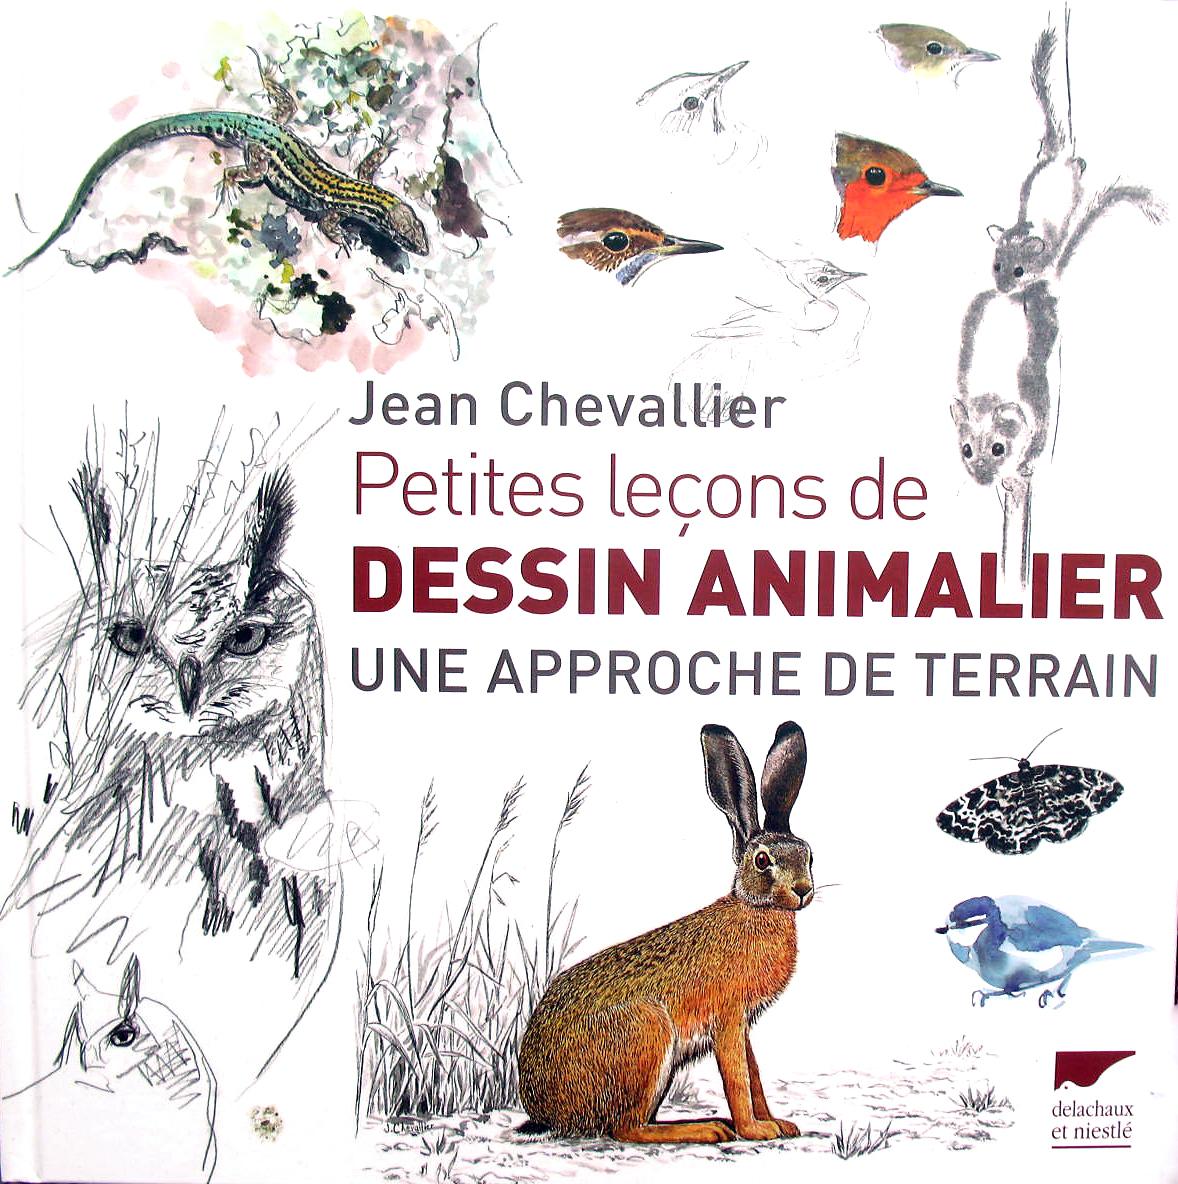 Petites leçons de dessin animalier, une approche de terrain